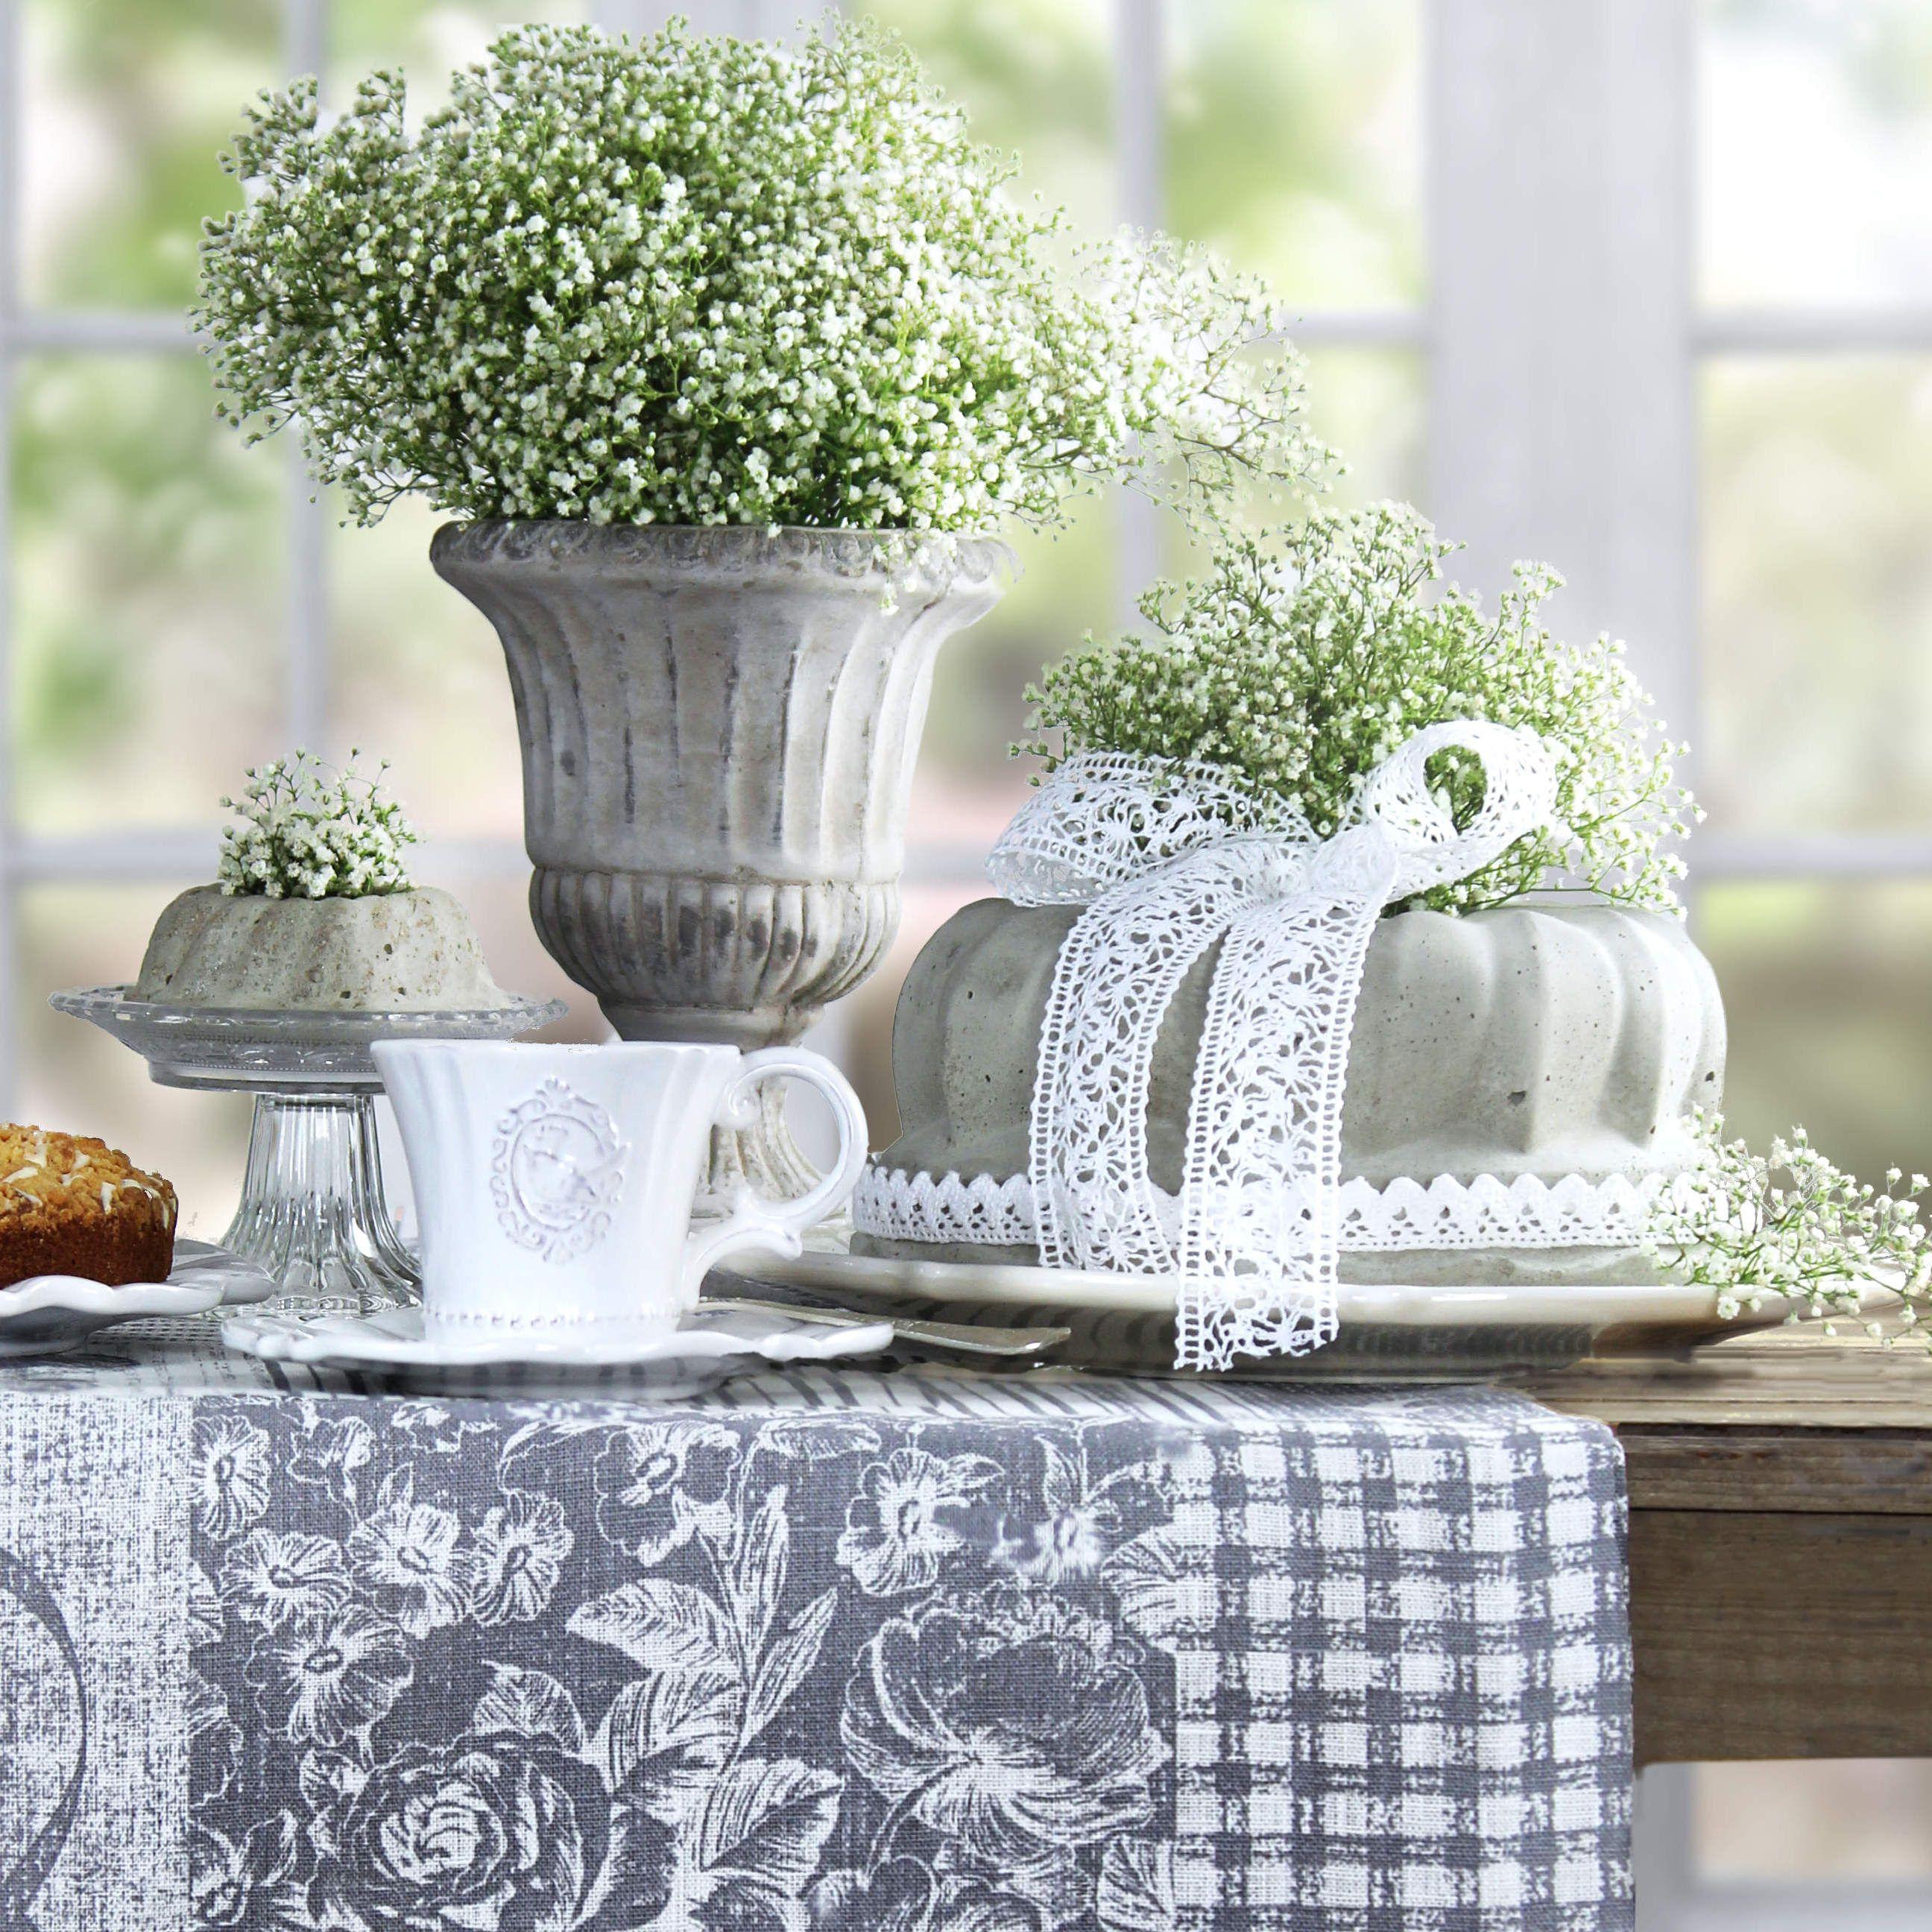 Gedeckter Tisch Im Garten: Schön Shabby: Guglhupf Aus Beton. Tischläufer LOVE LETTERS